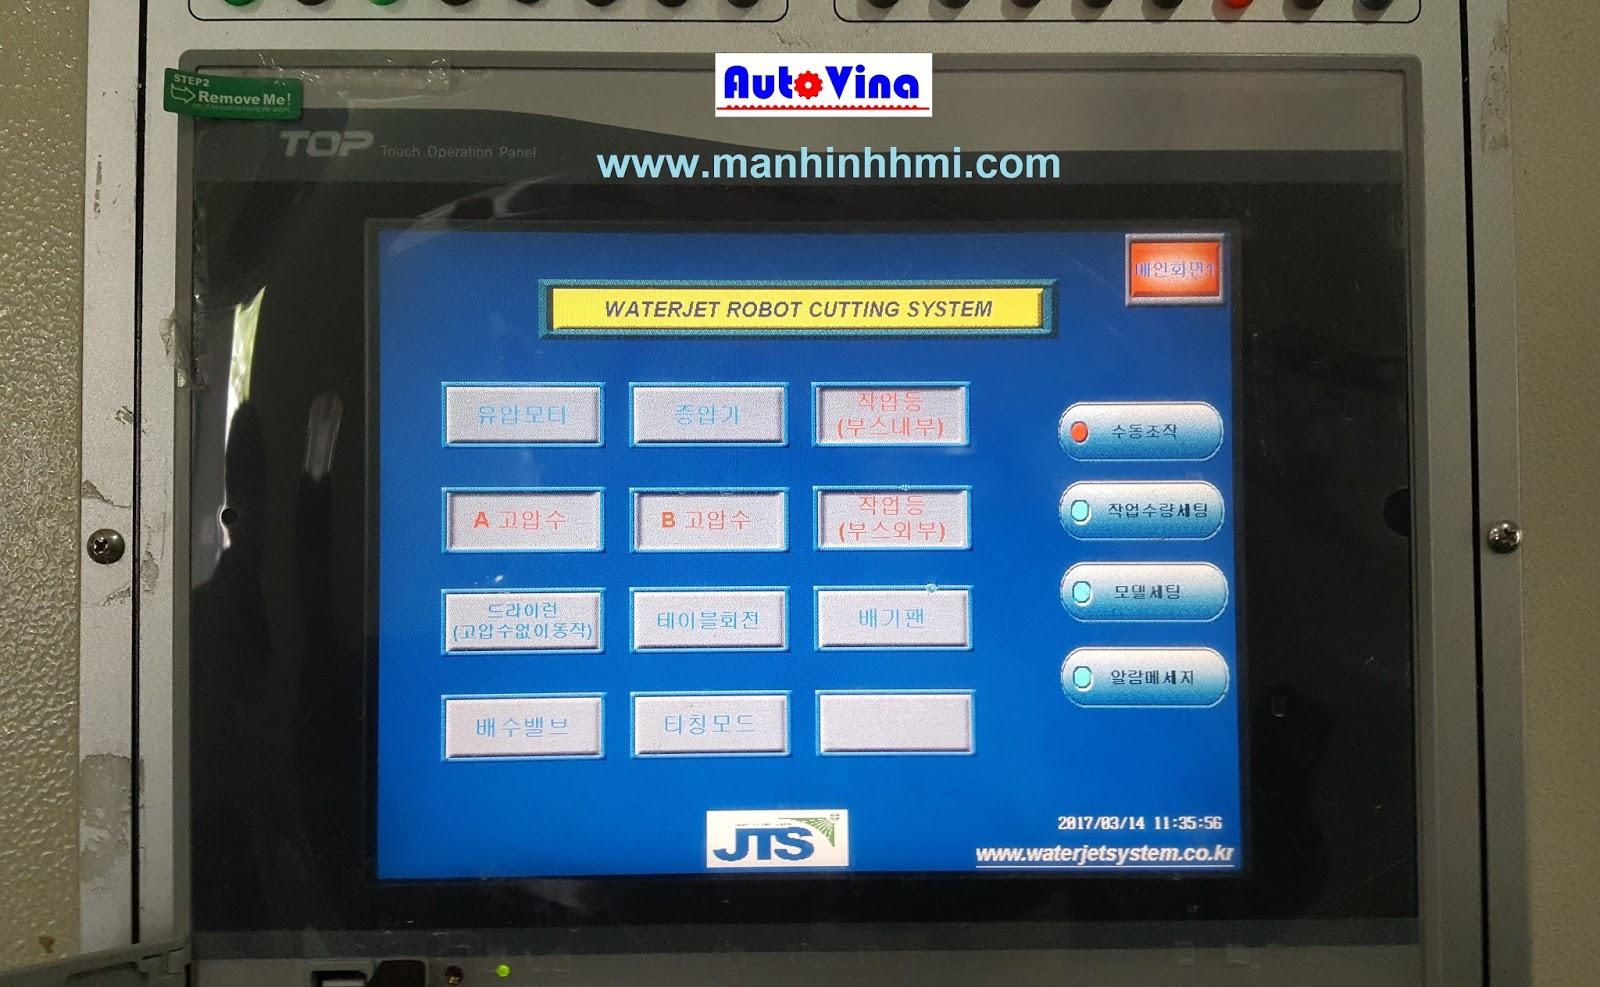 Hình ảnh màn hình cảm ứng HMI hãng M2I XTOP10TS-SA trên tủ điện